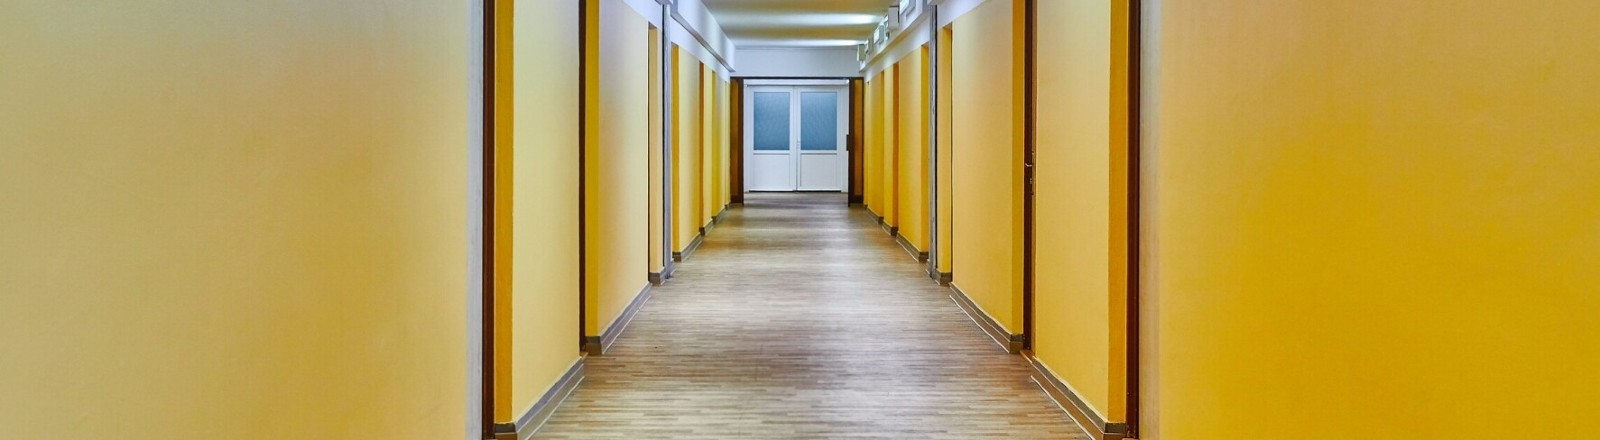 Ein leerer Gang mit gelben Wänden in einem Studierendenwohnheim